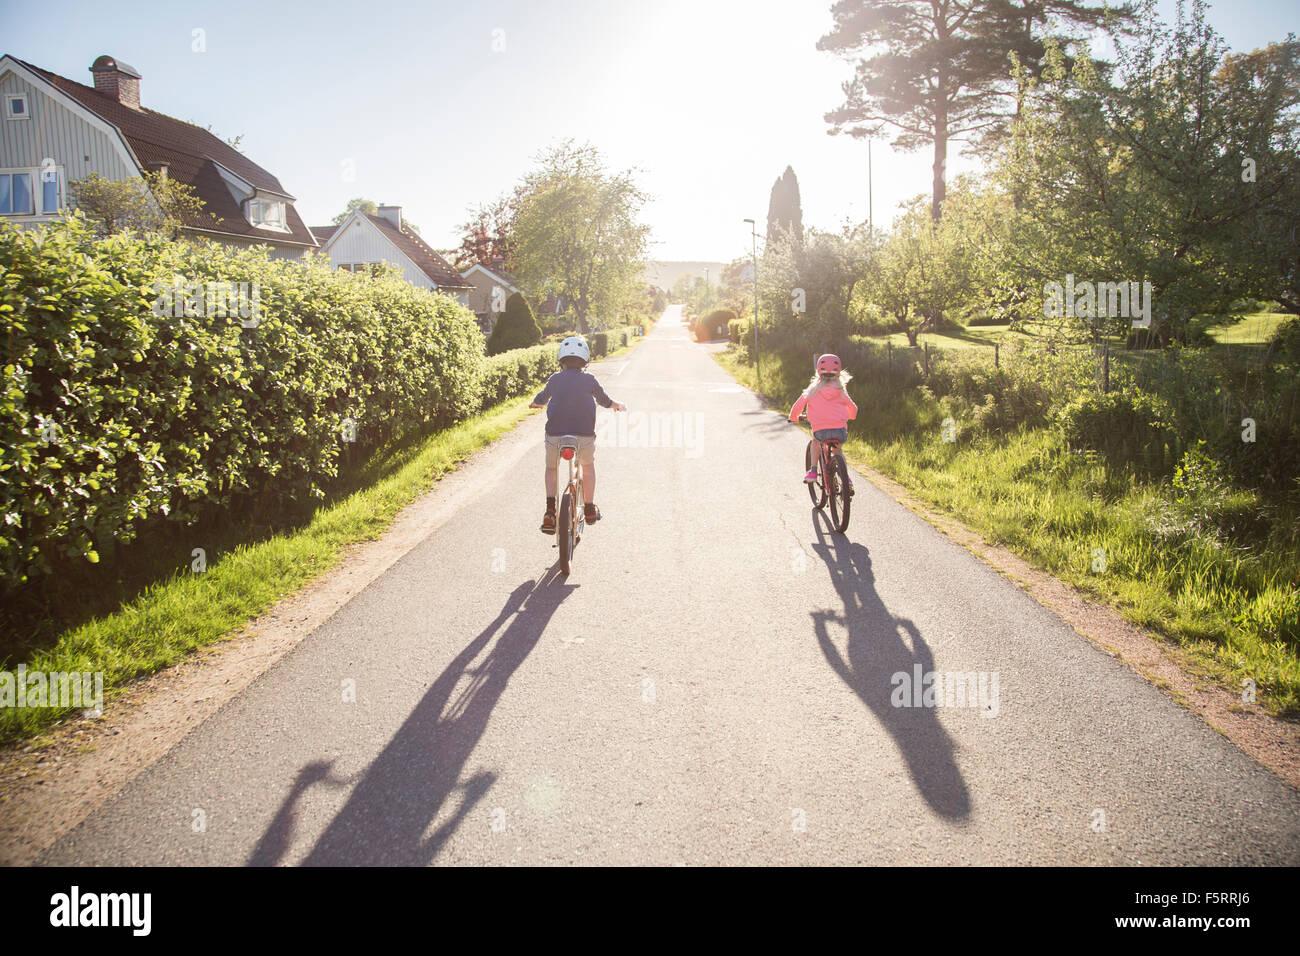 La Svezia, Vastergotland, Lerum, bambini (10-11, 12-13) escursioni in bicicletta nella giornata di sole Immagini Stock